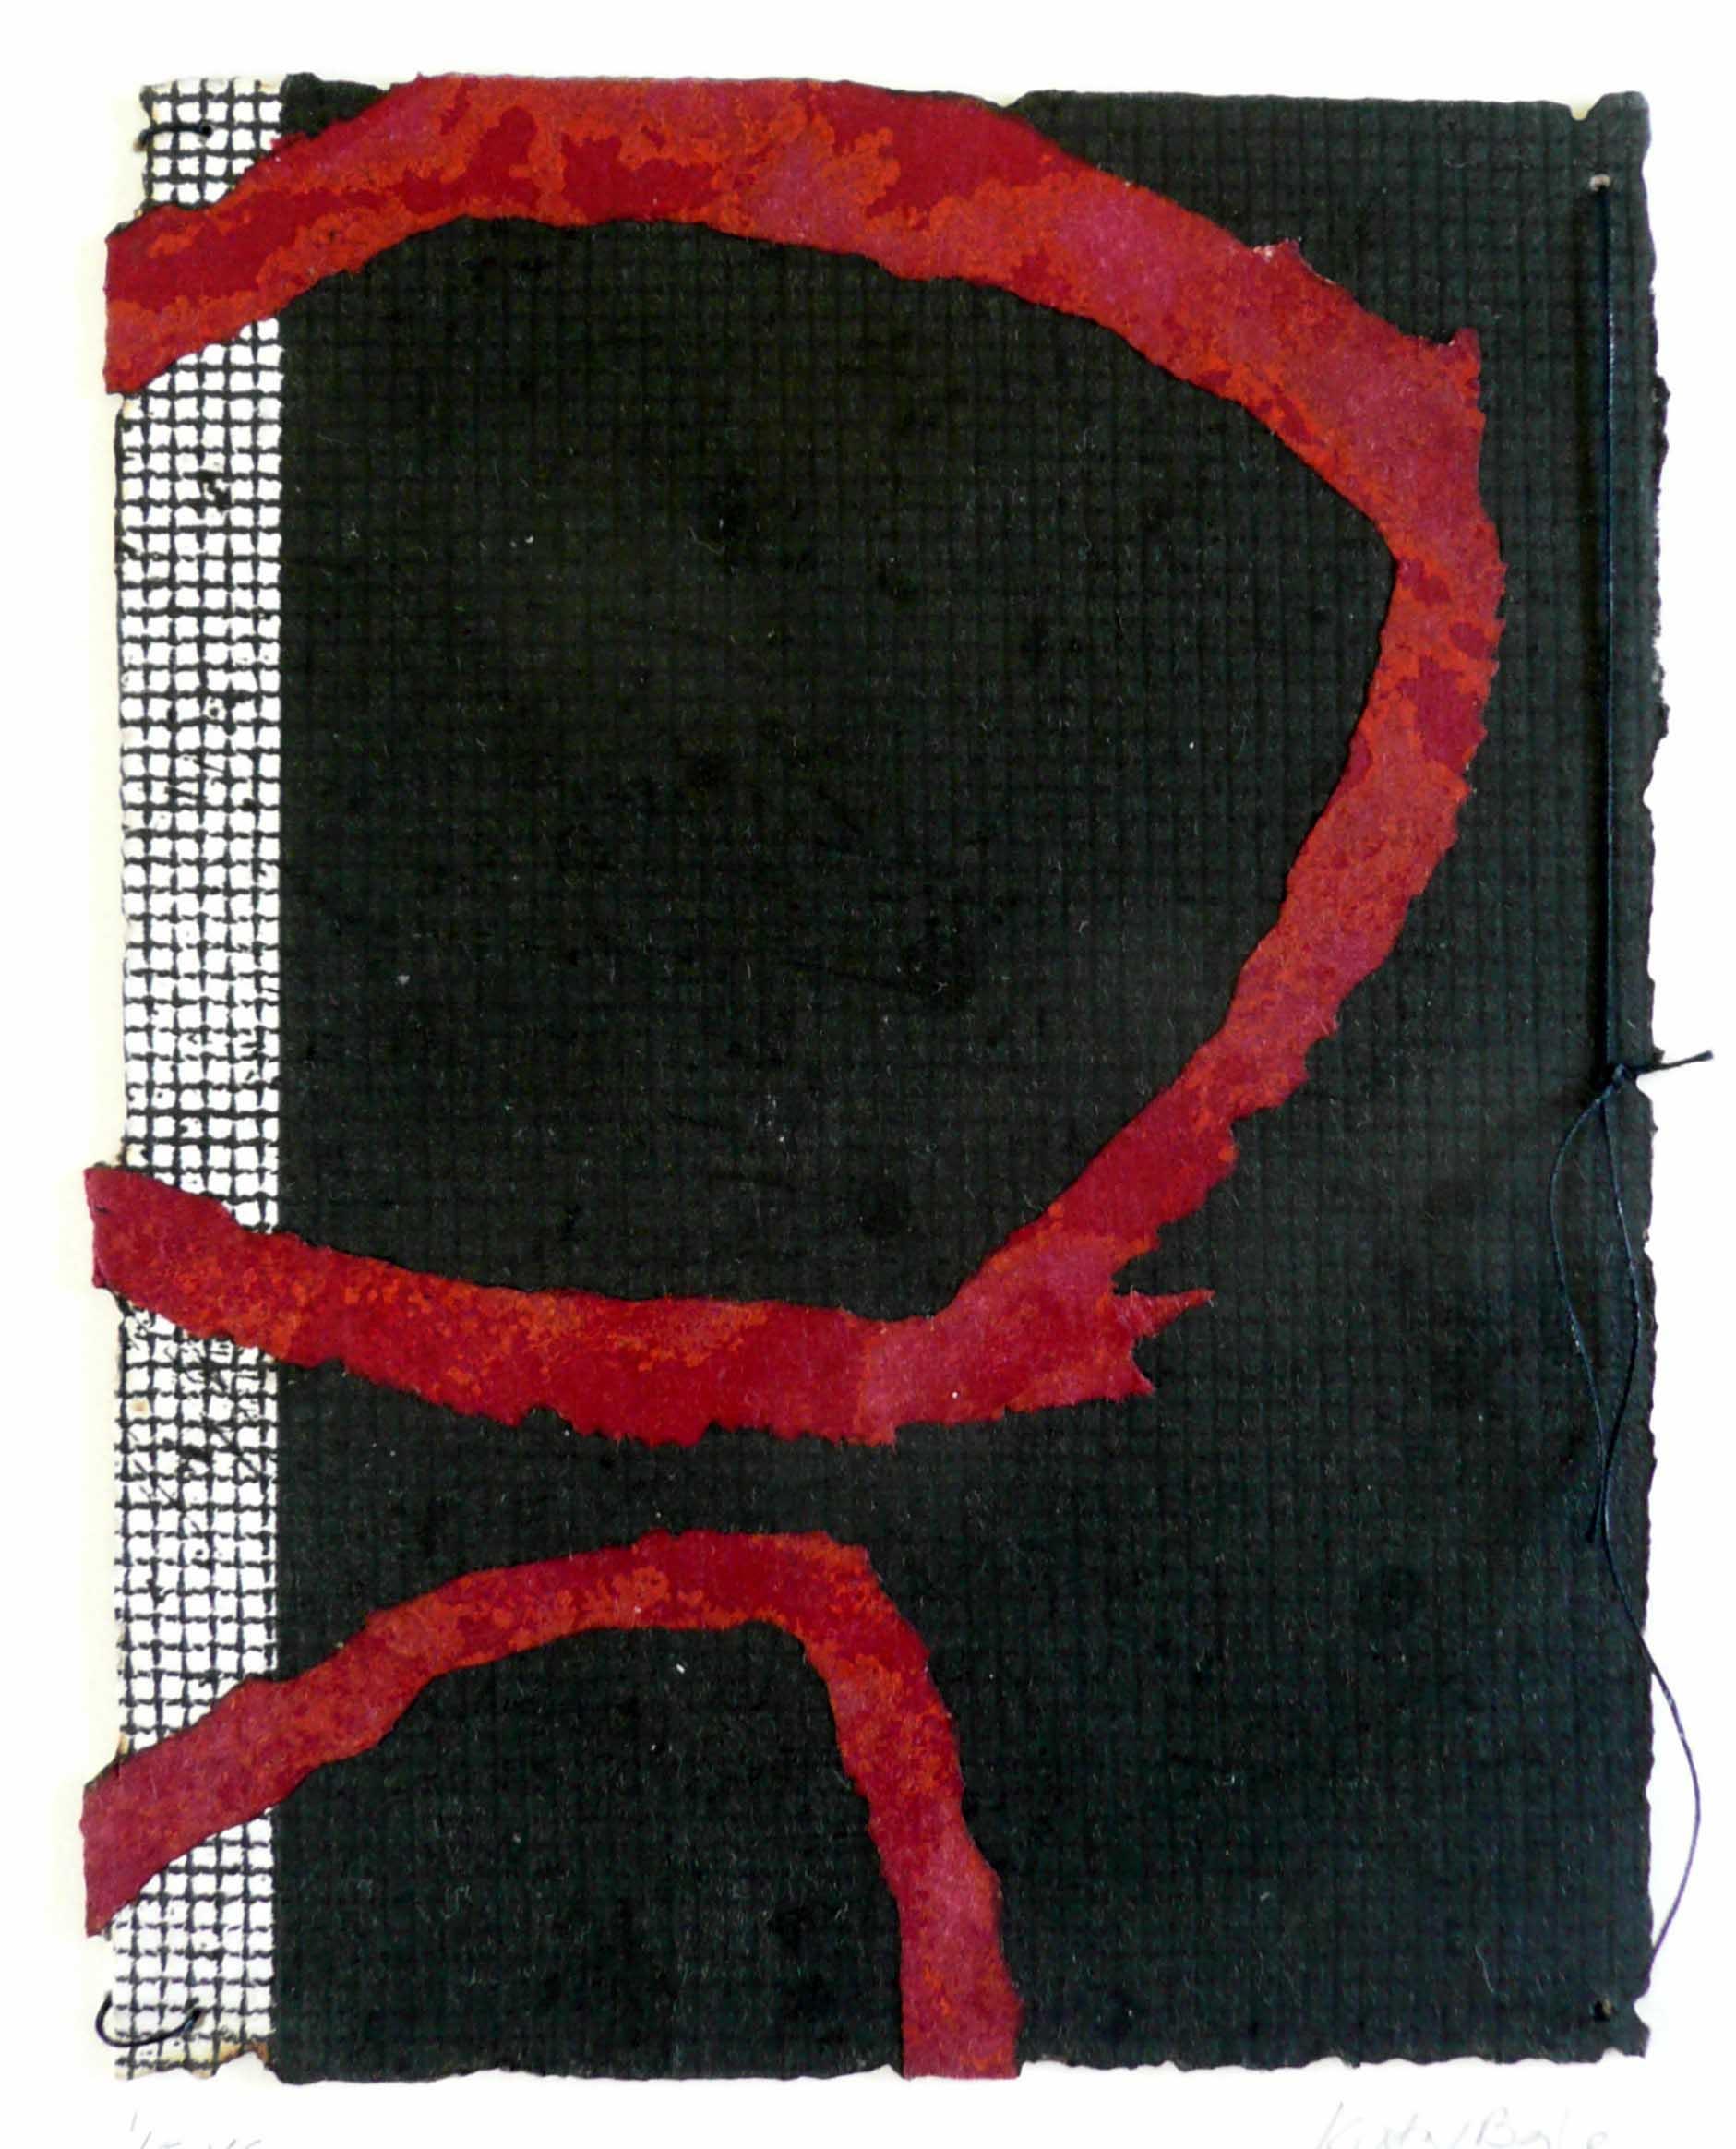 kathy-boyle-exit-printmaking